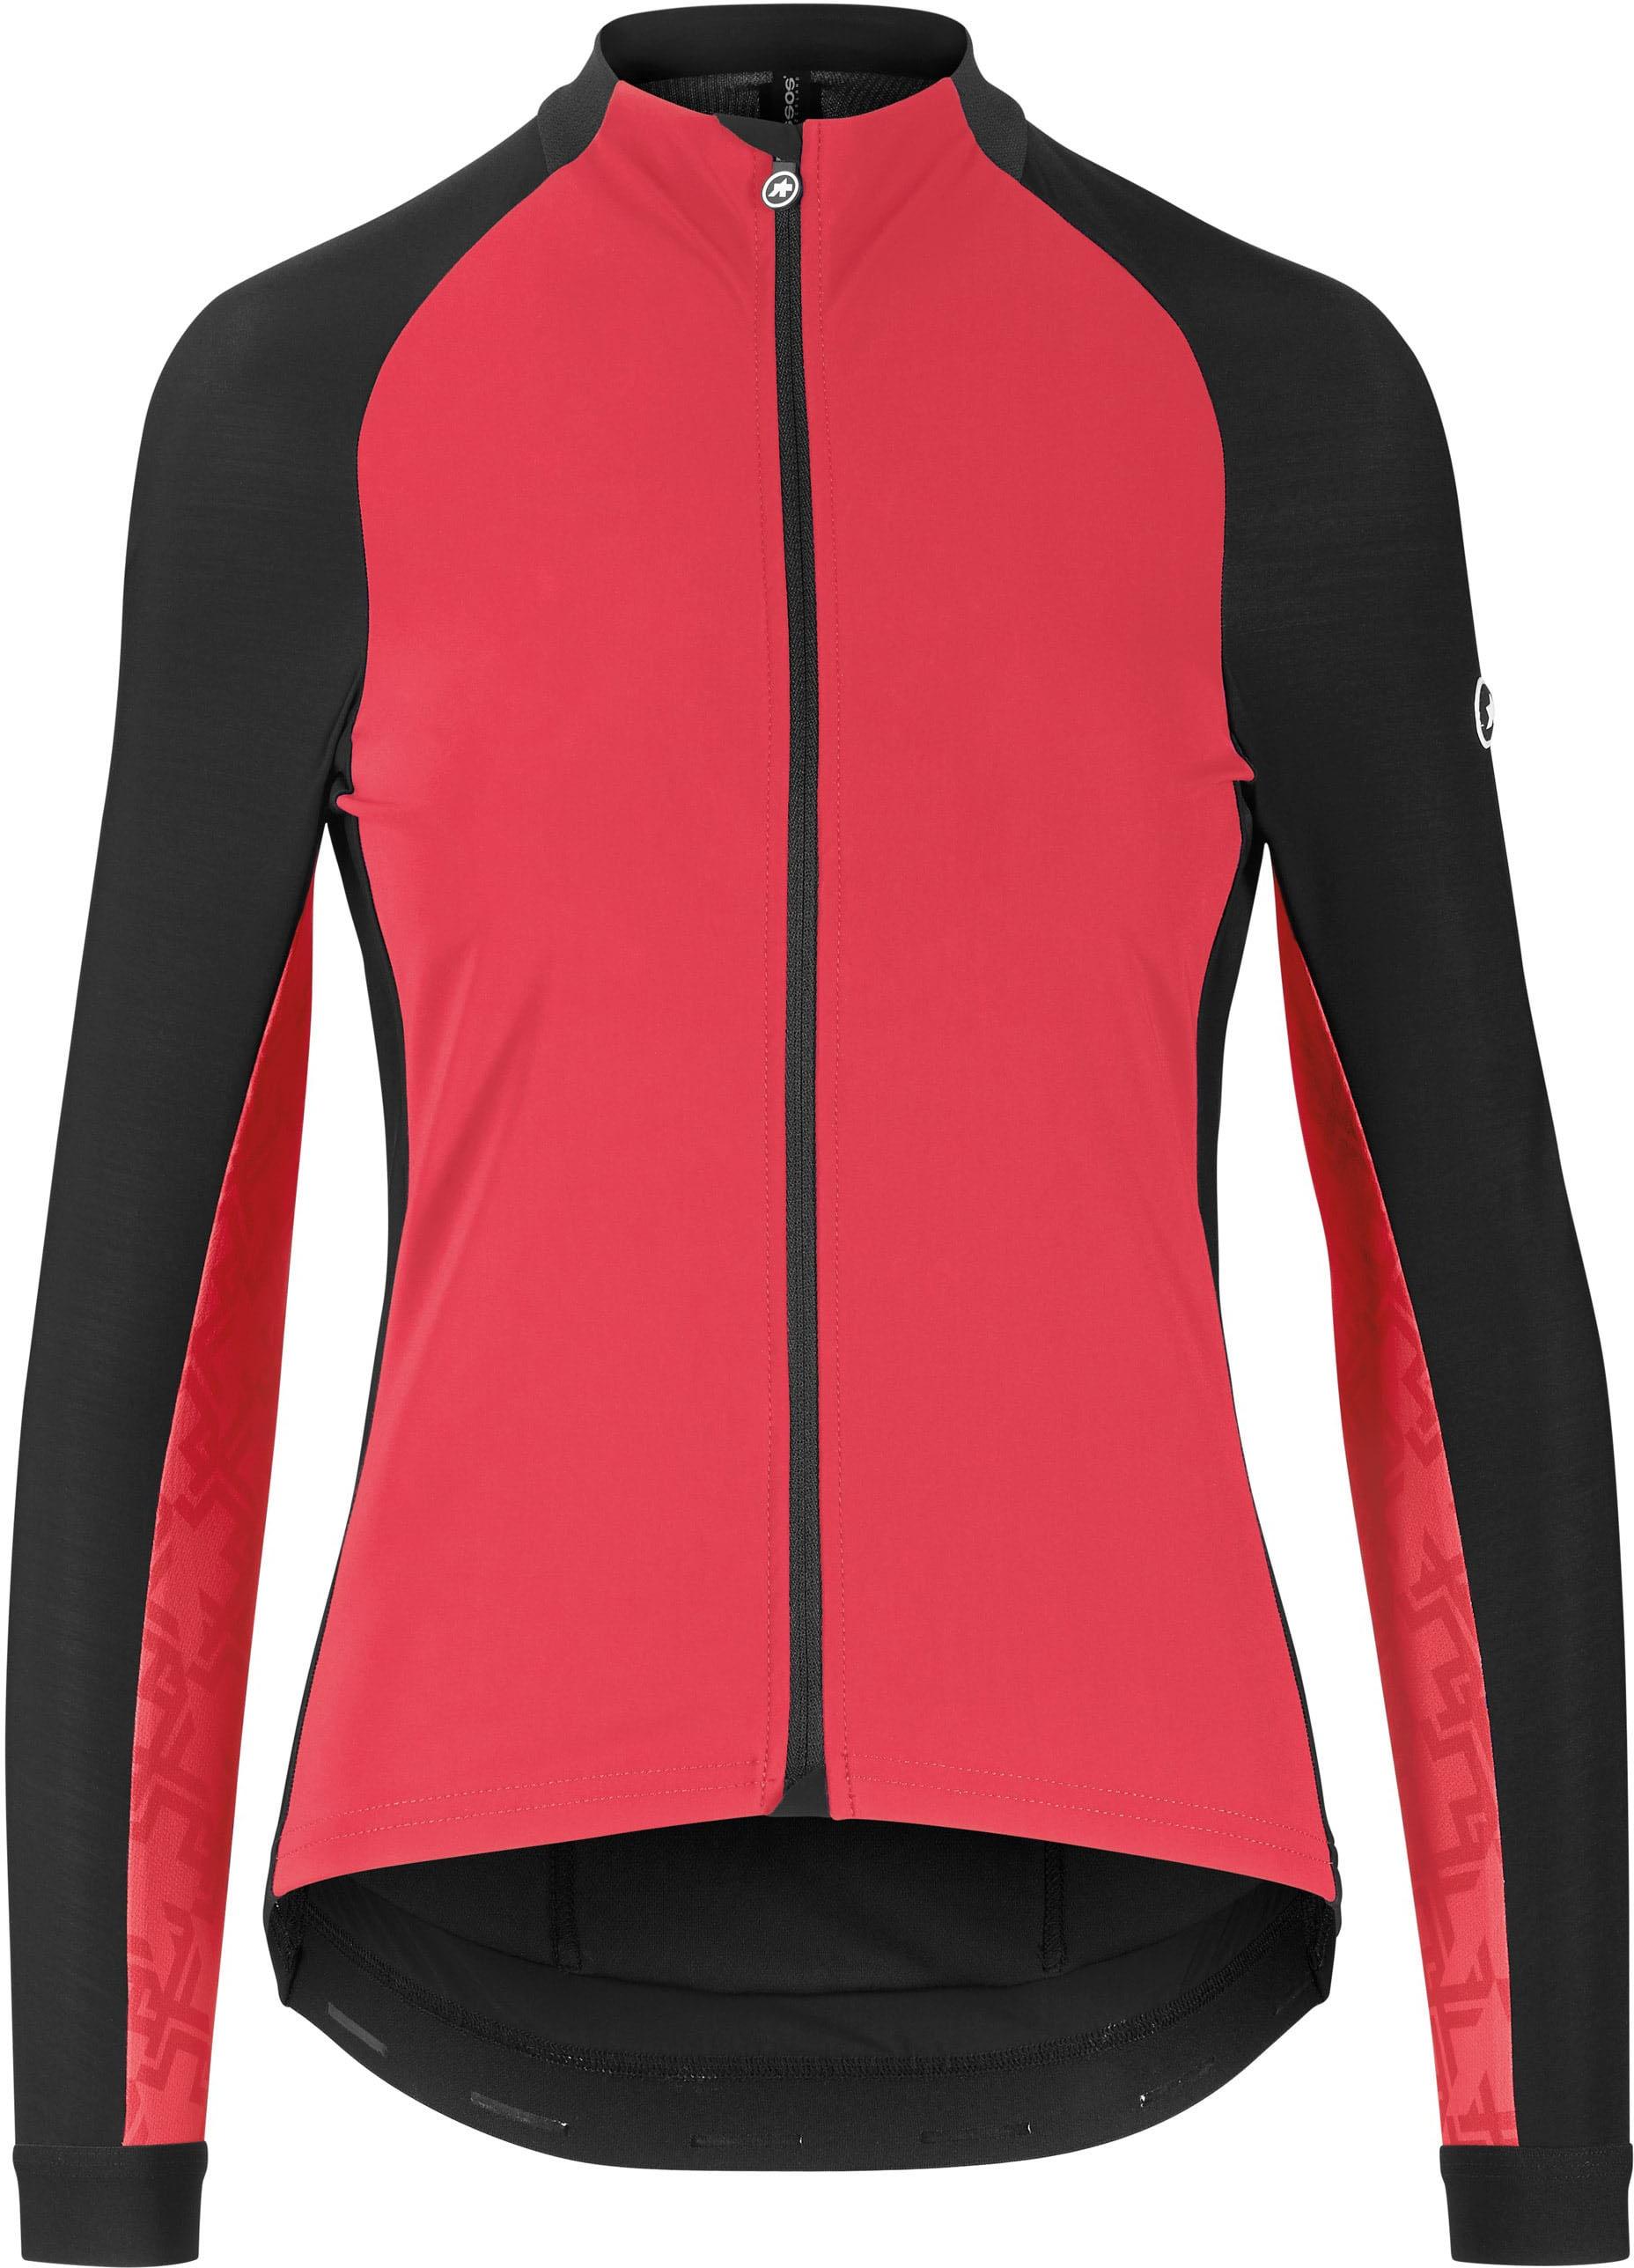 Assos Assos Uma Gt Spring Fall Jacket - Lyserød Beklædning > Cykeltøj Til Kvinder